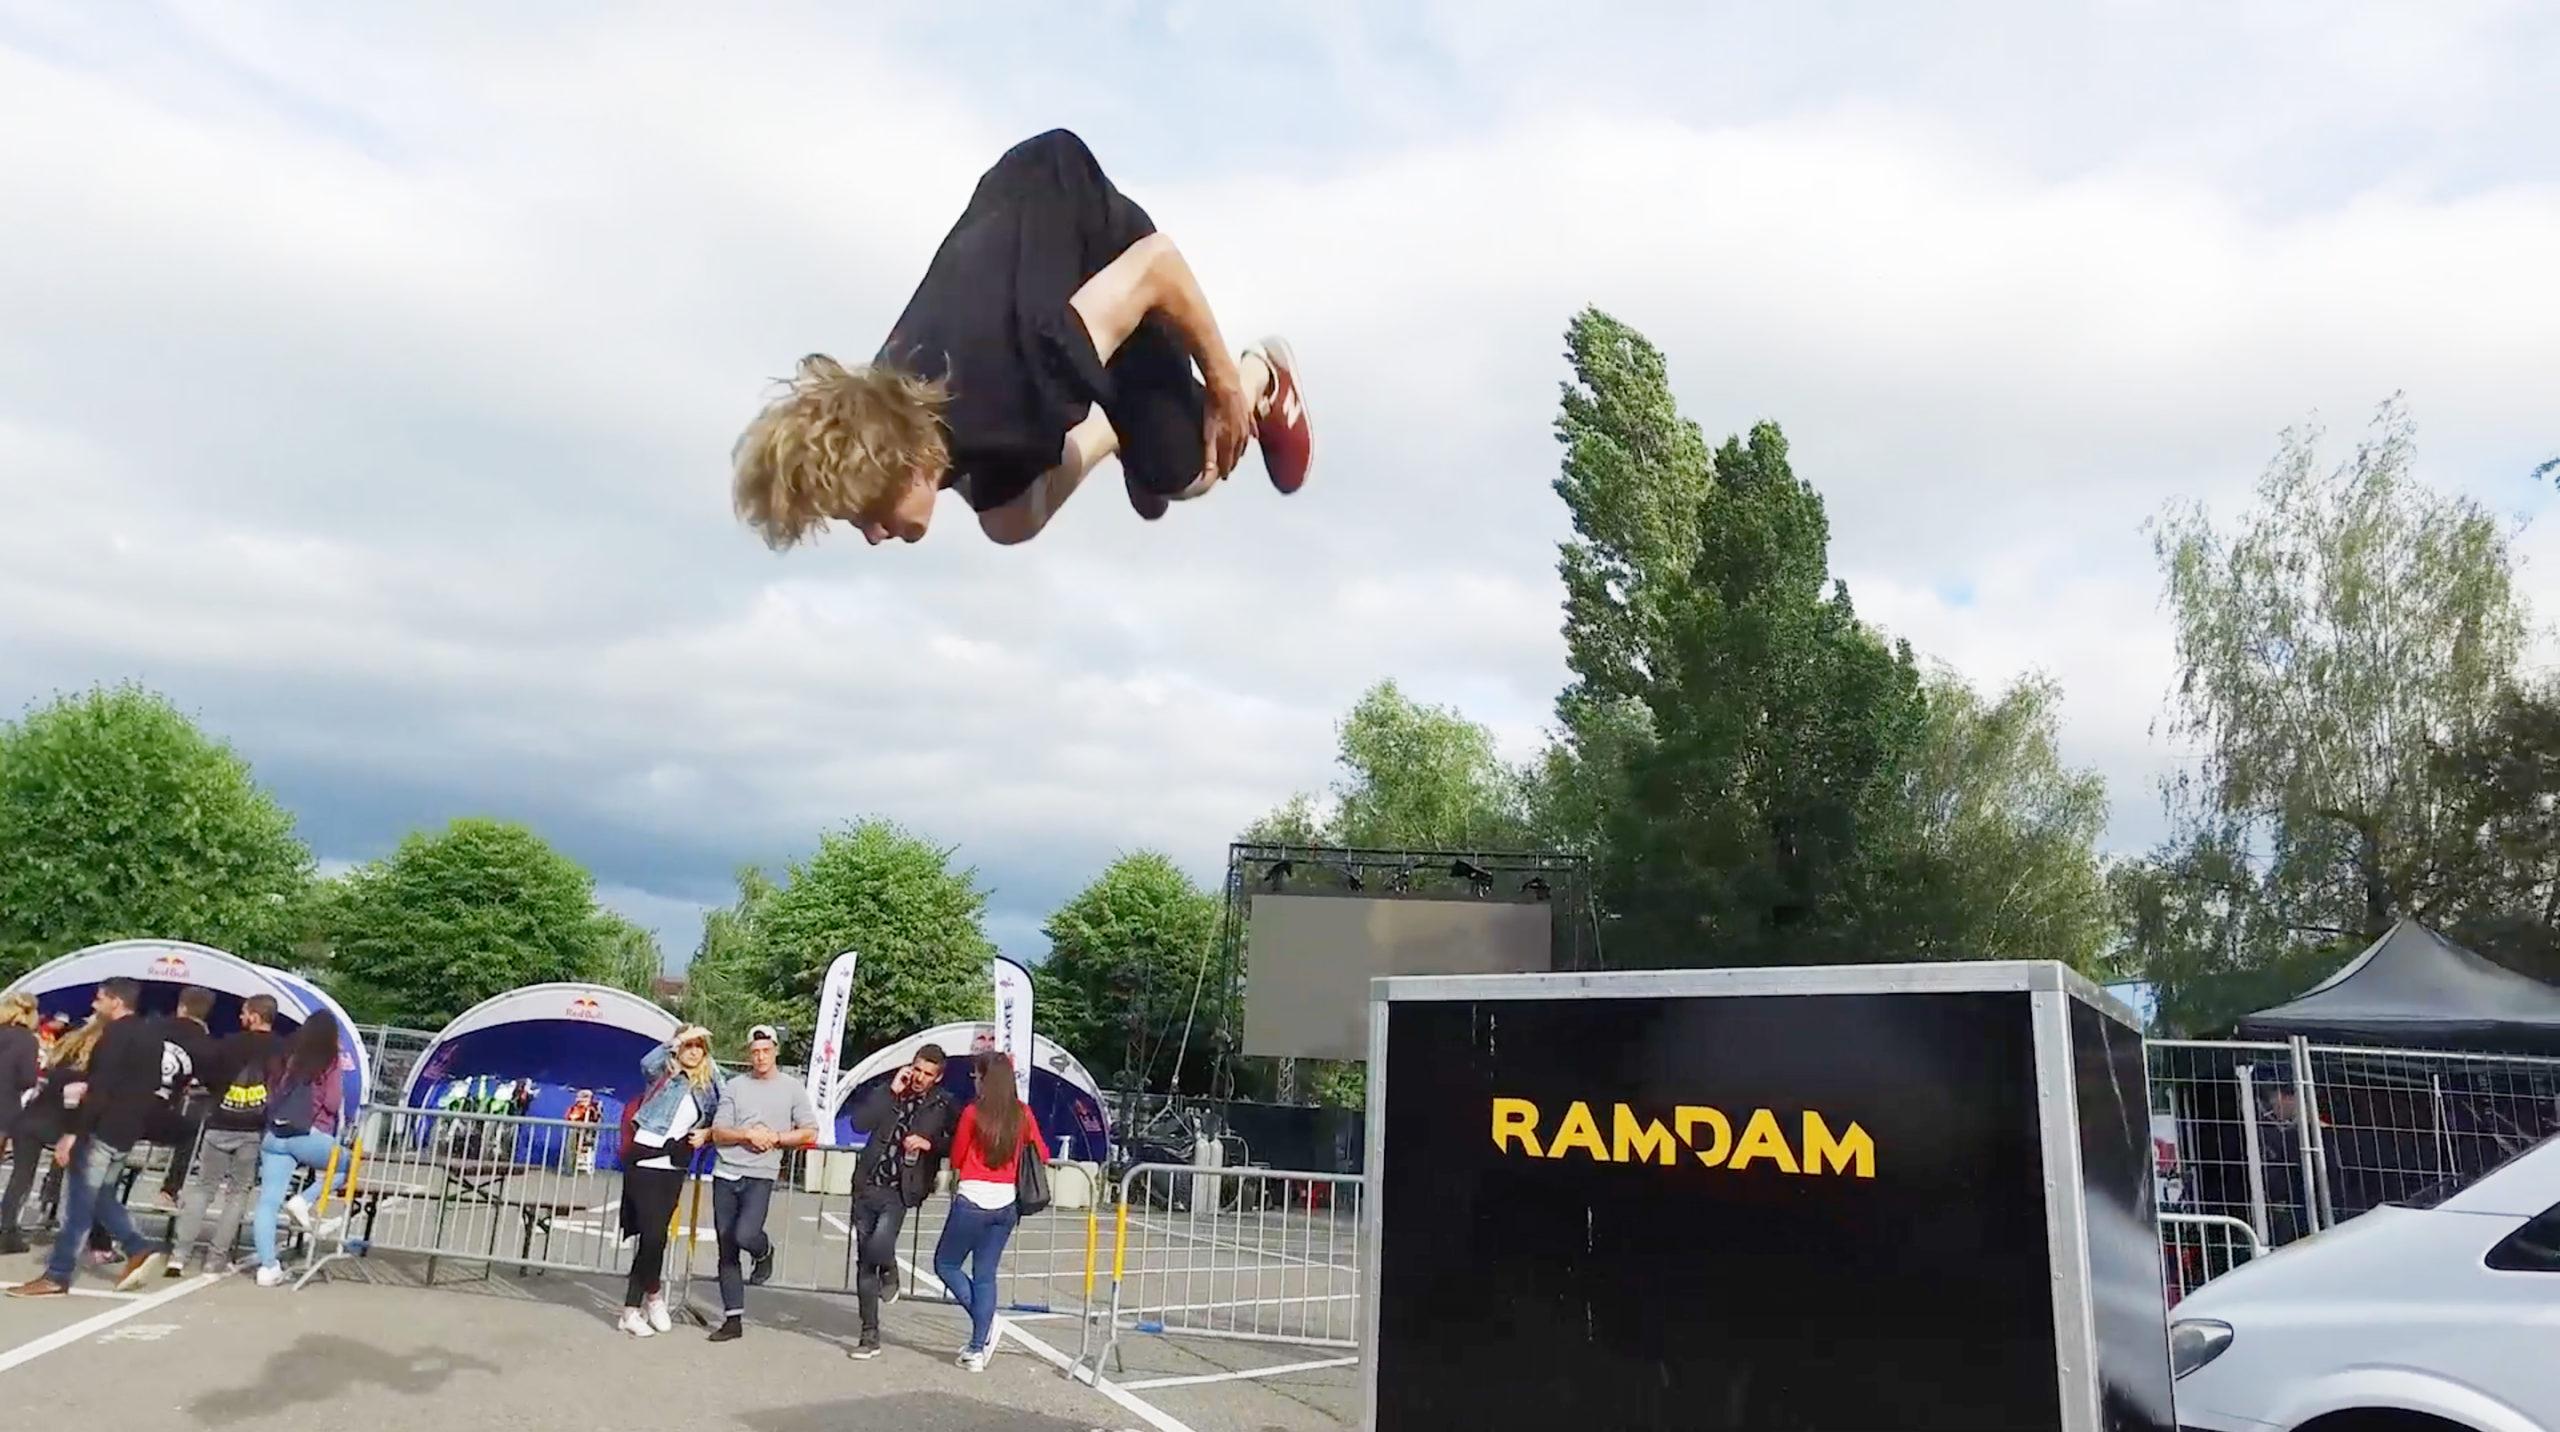 Caryl Cordt Moller s'envole au Free4style avec son team Ramdam en Parkour